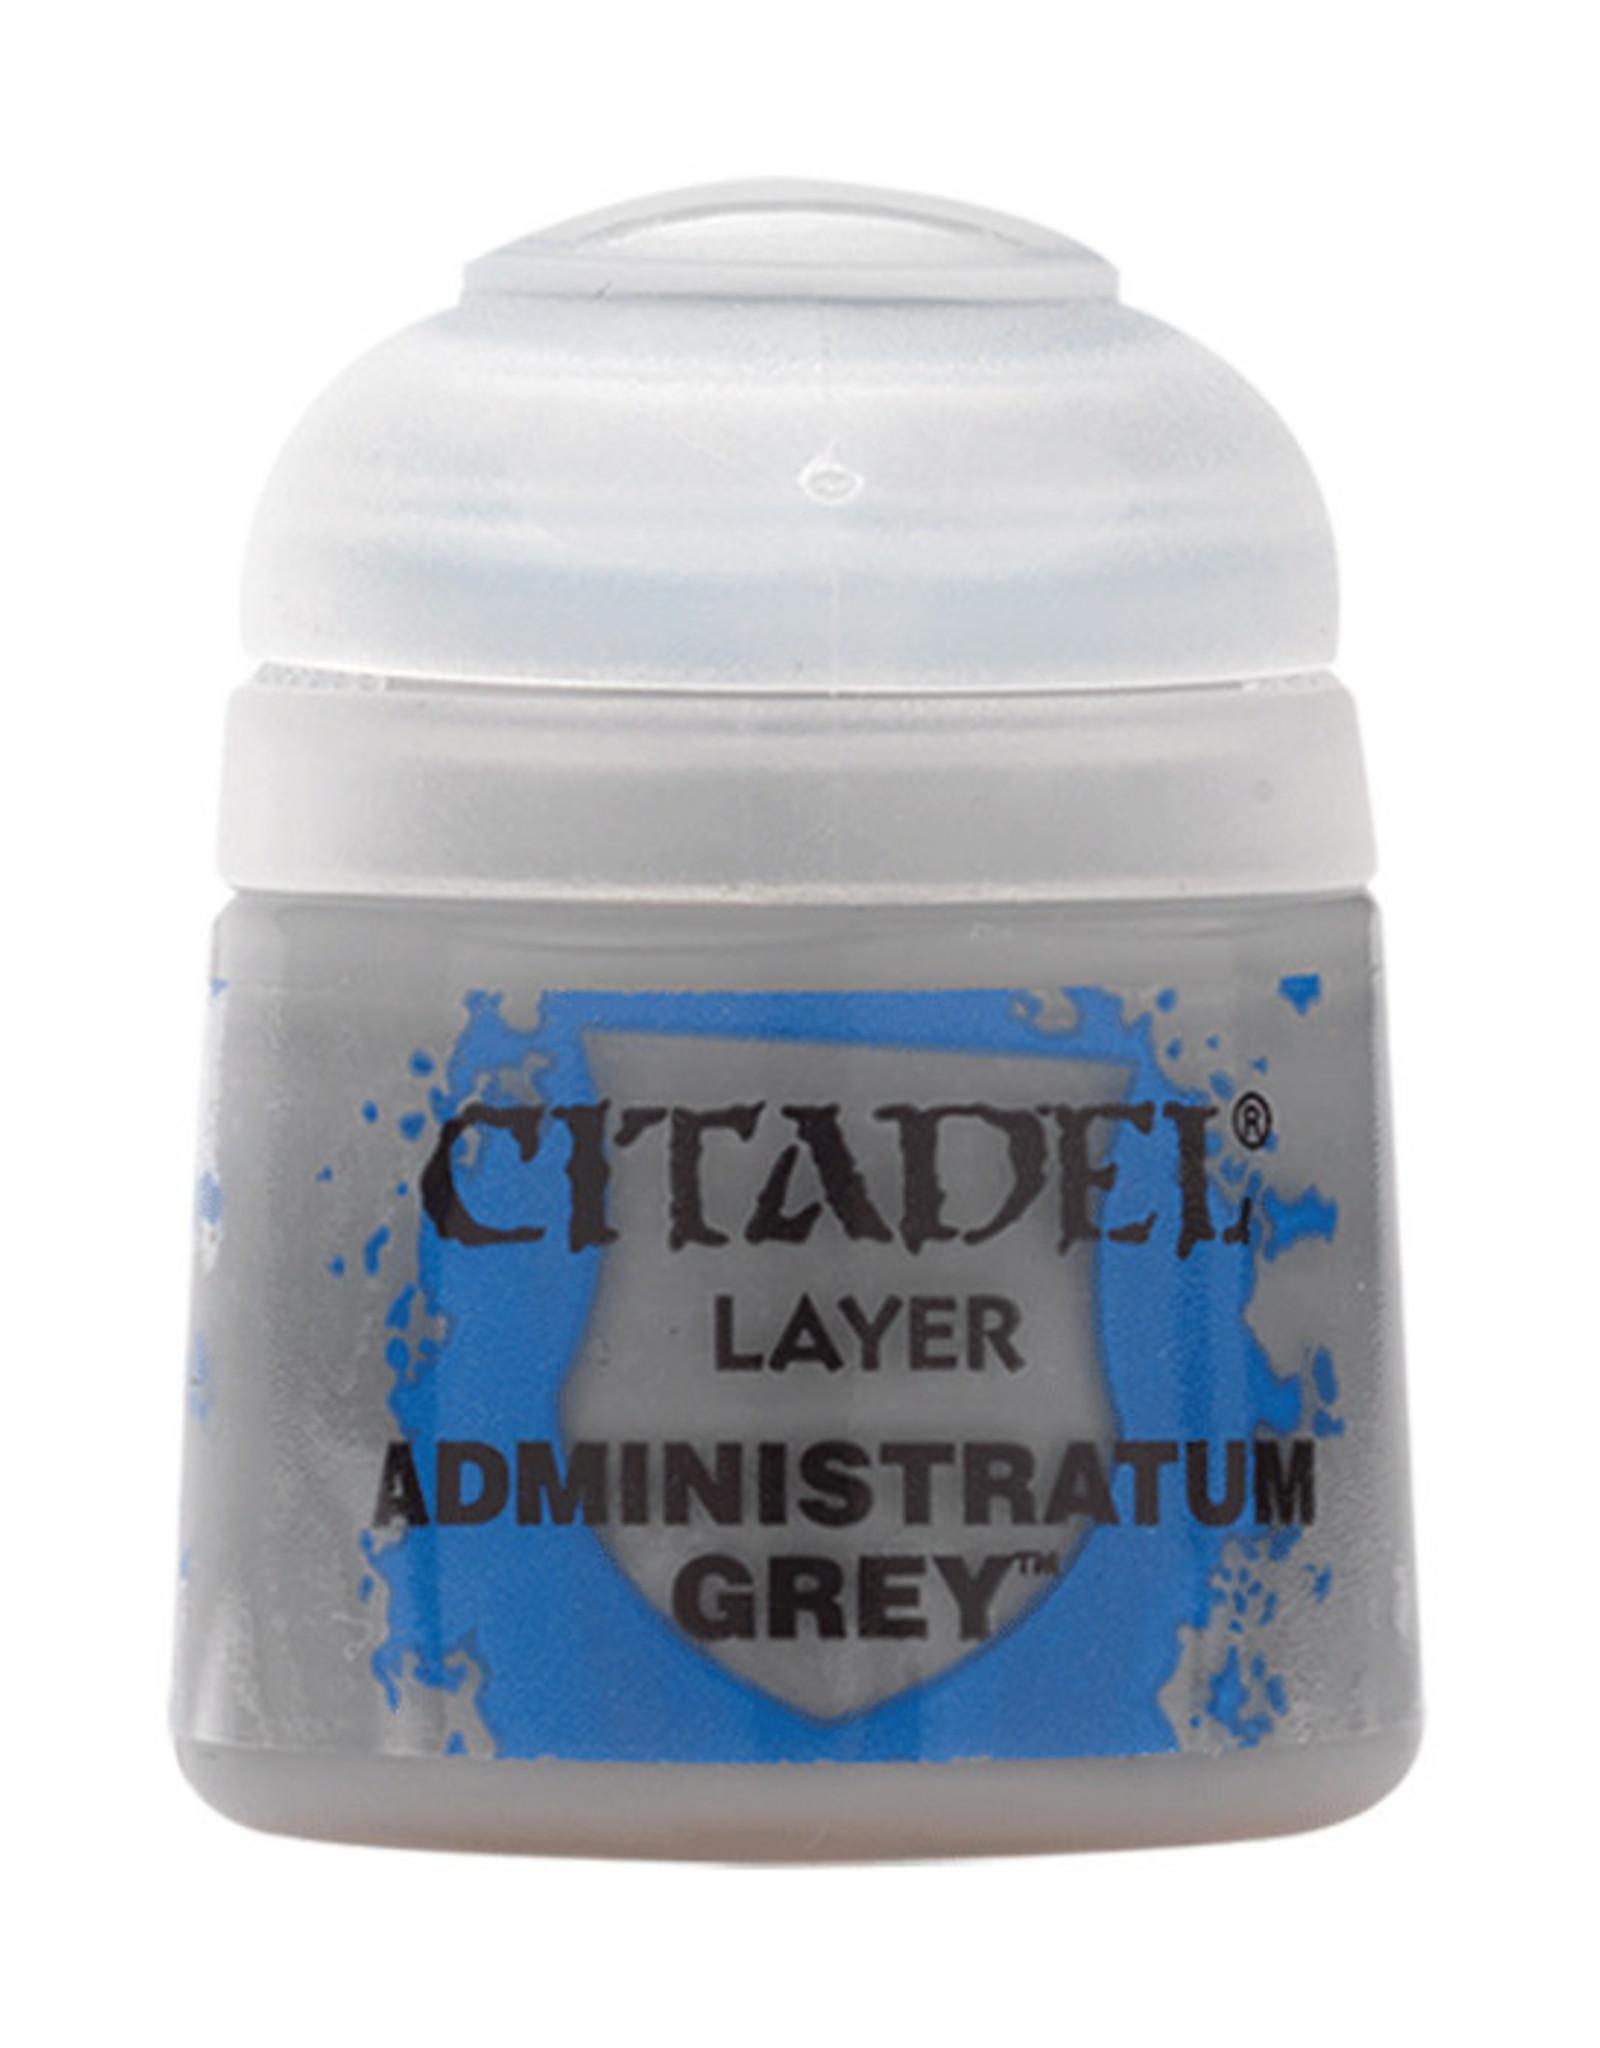 Citadel Citadel Colour: Layer - Administratum Grey